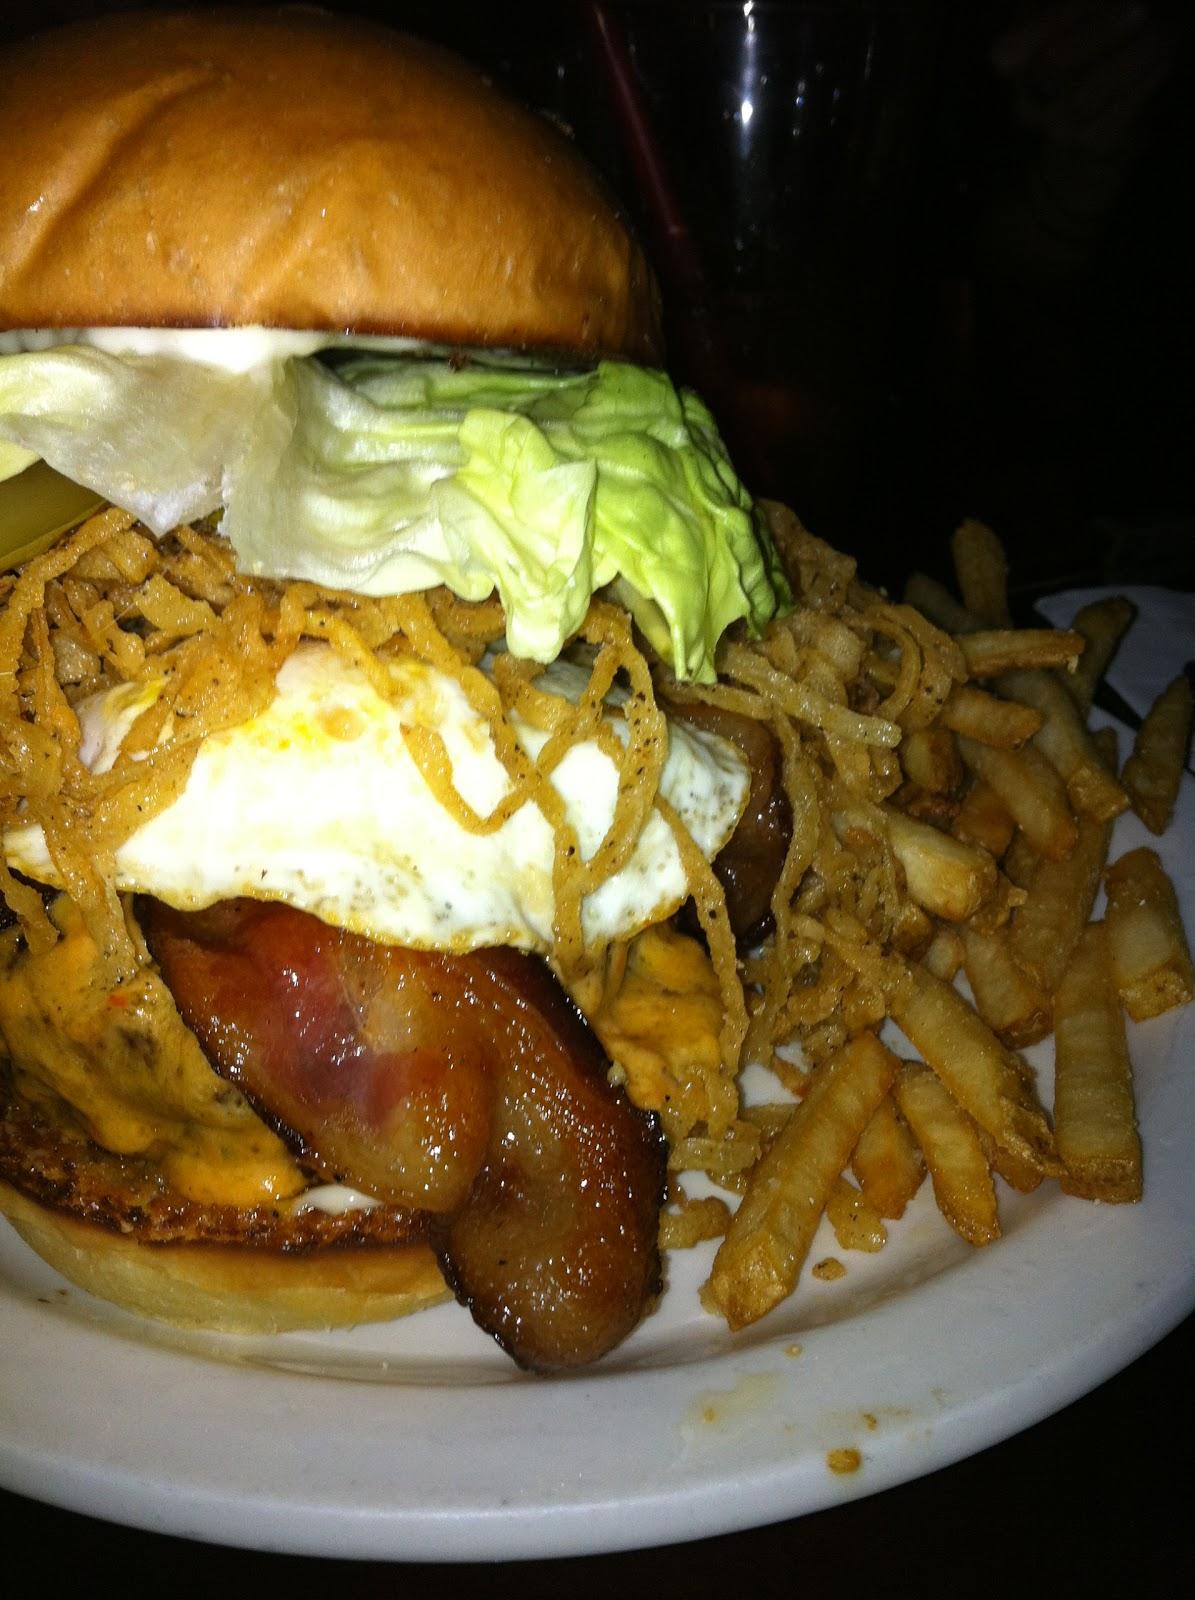 The Burgerler Screen Door To Burger Heaven